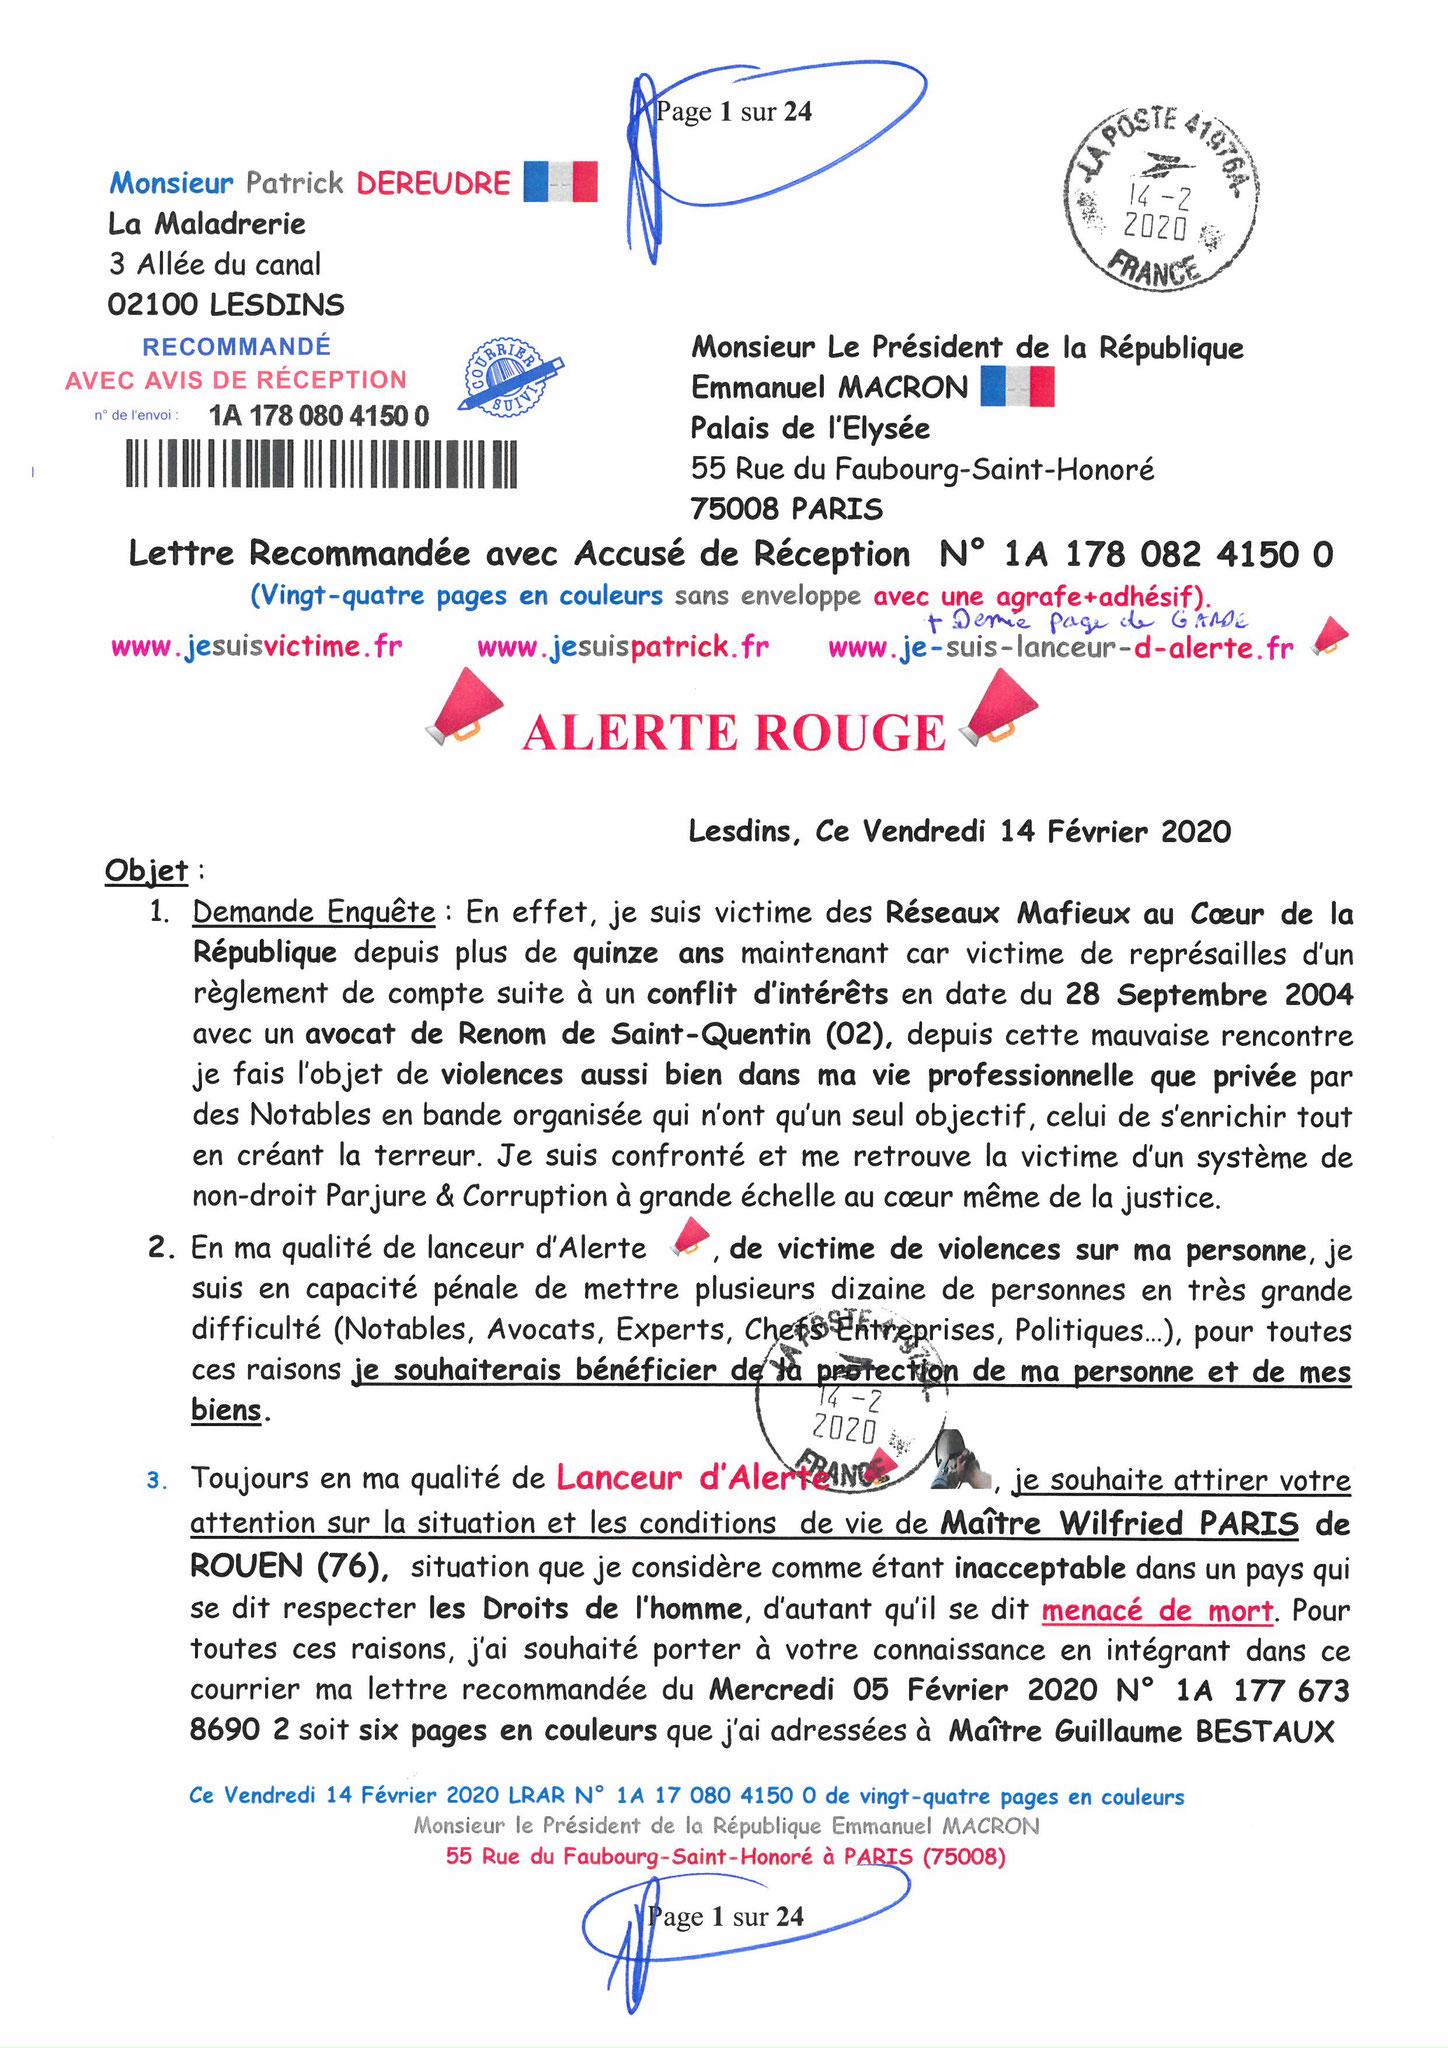 Ma lettre recommandée du 14 Février 2020 N° 1A 178 082 4150 0  page 1 sur 24 en couleur que j'ai adressé à Monsieur Emmanuel MACRON le Président de la République www.jesuispatrick.fr